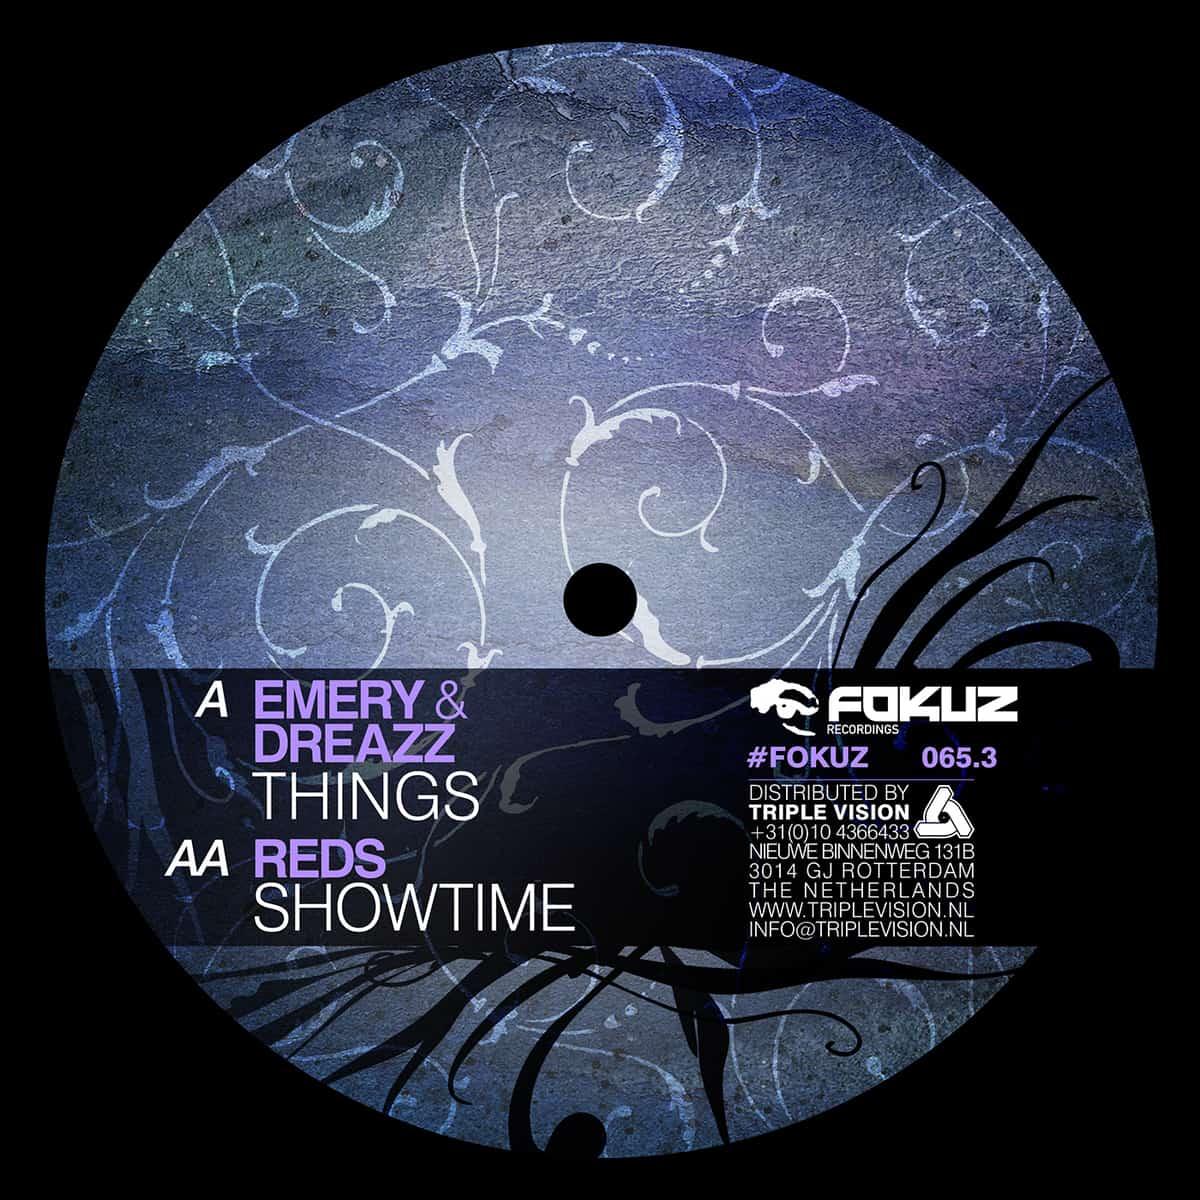 FOKUZ-065-3-Vinyl-B-FOR-WEB